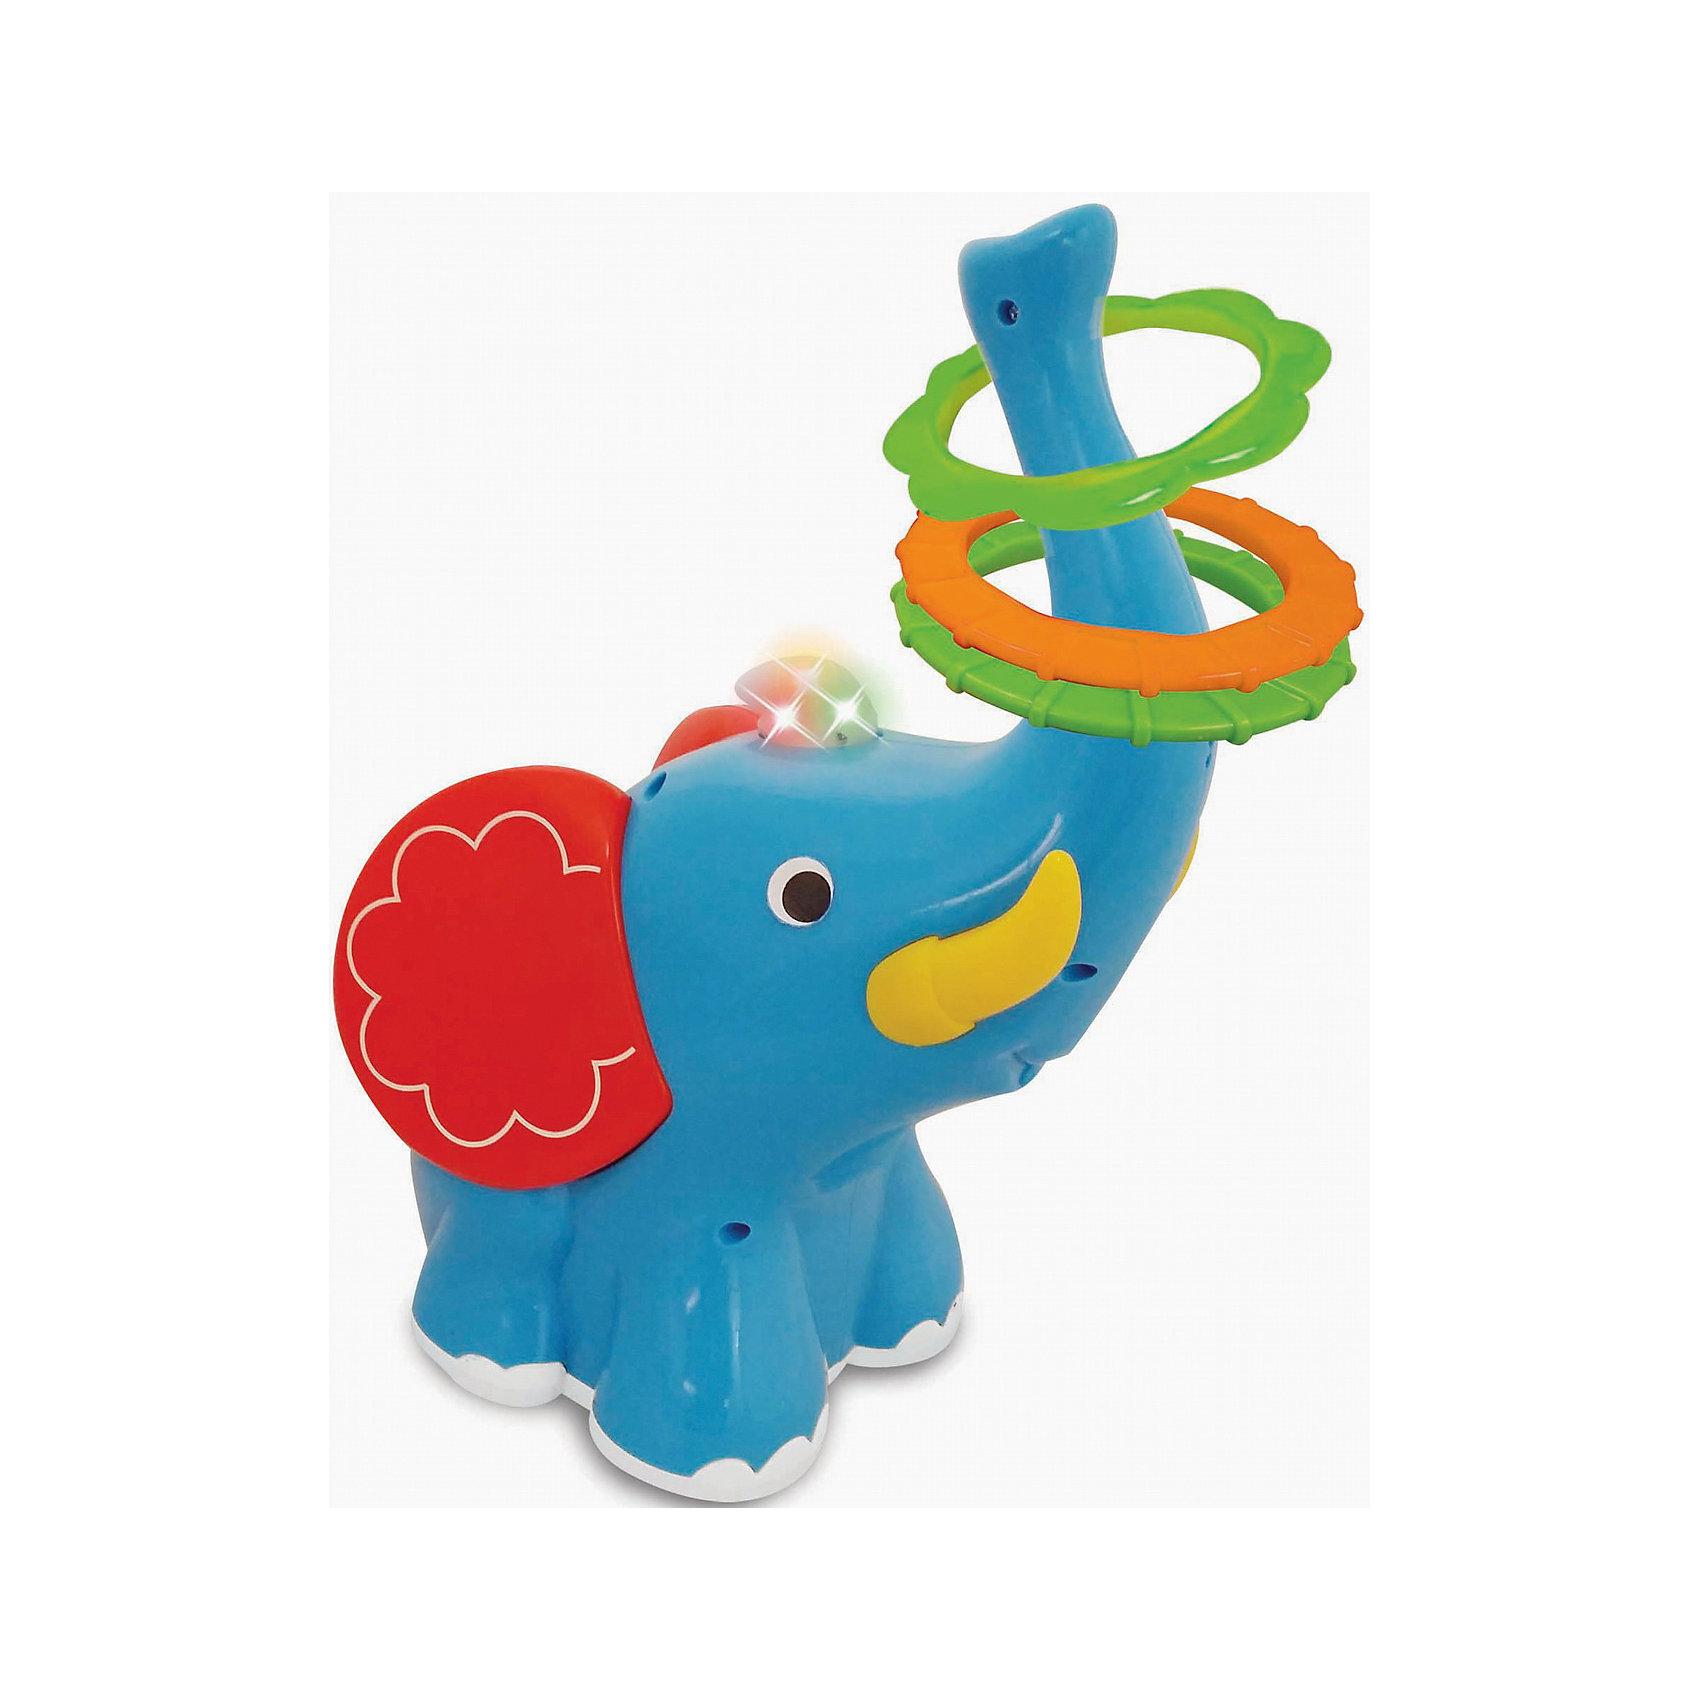 Развивающая игрушка Слон-кольцеброс, KiddielandИгрушки для малышей<br>Развивающая игрушка Слон-кольцеброс, Kiddieland (Киддилэнд).<br><br>Характеристики:<br><br>- Комплектация: слоник, 3 кольца.<br>- Материал: пластик<br>- Батарейки: 3 х АА (входят в комплект)<br><br>Яркая развивающая игрушка Слон-кольцеброс, Kiddieland (Киддилэнд), несомненно, порадует малыша! Слоненок-кольцеброс оснащен колесиками. При движении Слоника вперед, назад и в разные стороны ребенок должен набросить кольца на его хобот. Игра сопровождается веселой музыкой и мерцанием разноцветных огоньков. Игра со слоником способствует развитию фантазии, воображения, пространственного мышления, мелкой моторики и координации движений. Все элементы набора выполнены из качественного пластика.<br><br>Развивающую игрушку Слон-кольцеброс, Kiddieland (Киддилэнд) можно купить в нашем интернет-магазине.<br><br>Ширина мм: 200<br>Глубина мм: 180<br>Высота мм: 300<br>Вес г: 800<br>Возраст от месяцев: 12<br>Возраст до месяцев: 36<br>Пол: Унисекс<br>Возраст: Детский<br>SKU: 5054105